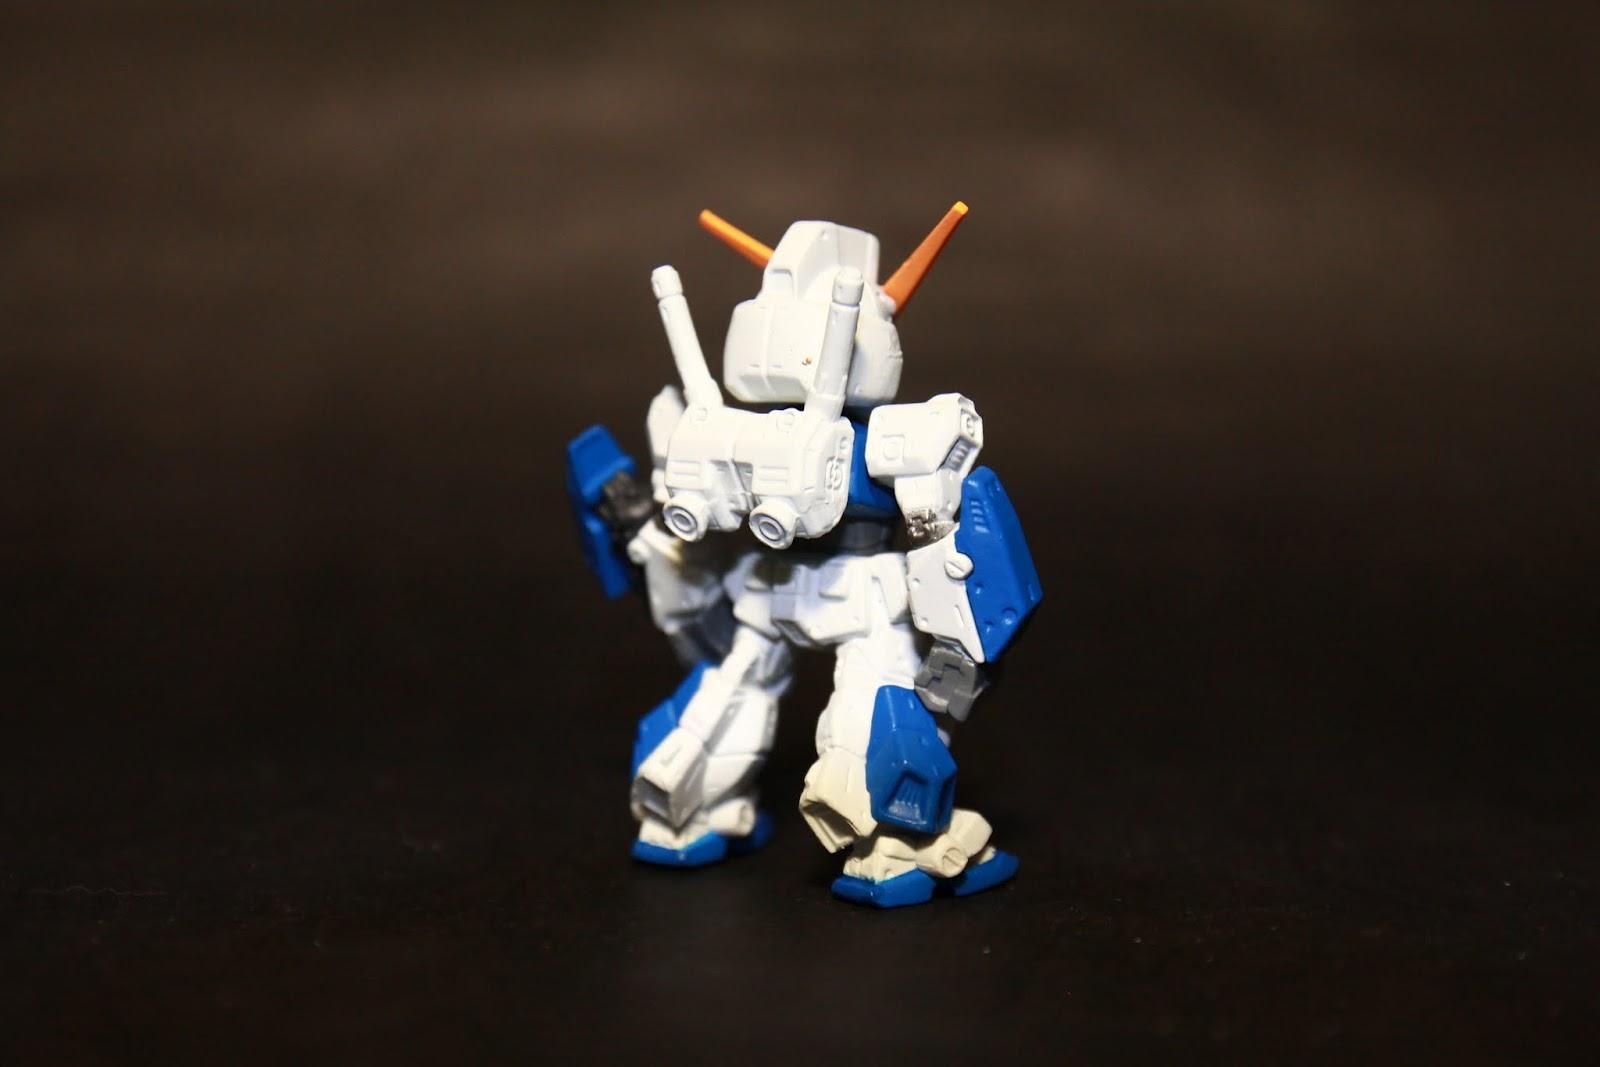 但其實NT-1本身的設計蠻洗鍊的 全裝甲型態反而看了覺得很笨重